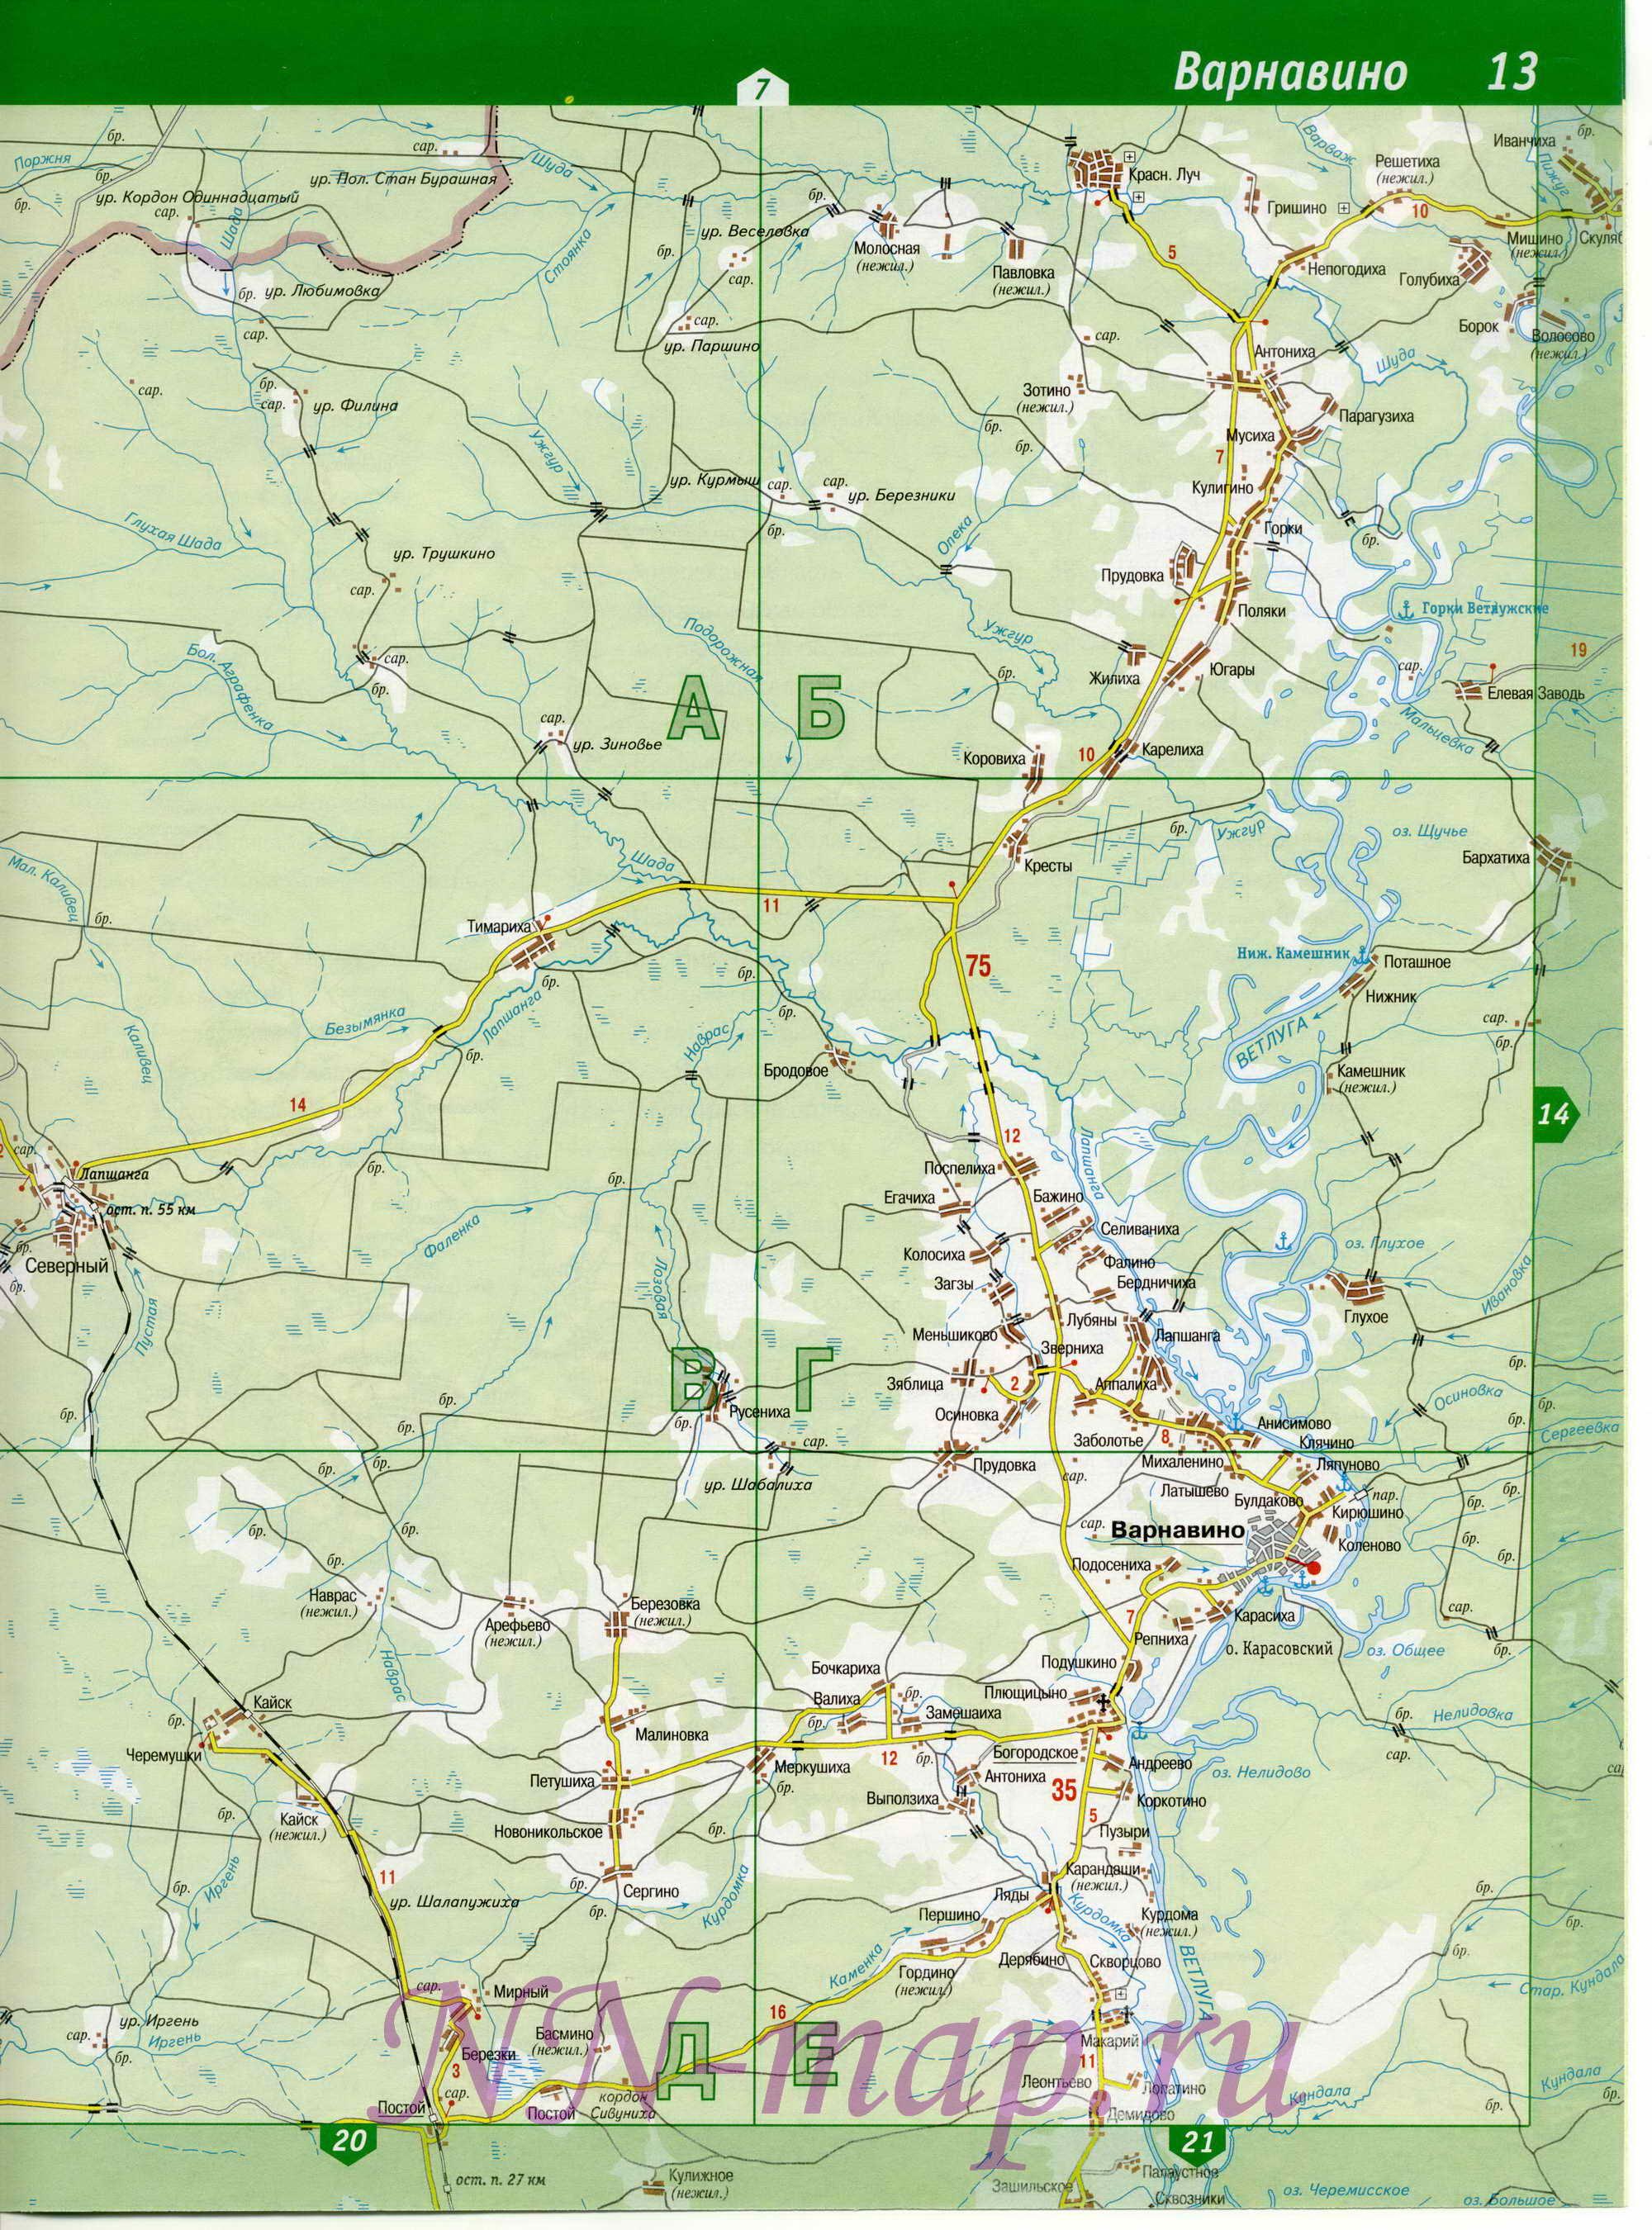 Летняя База.  Богословка.  Карта Варнавинского района - автодороги Нижегородской области.